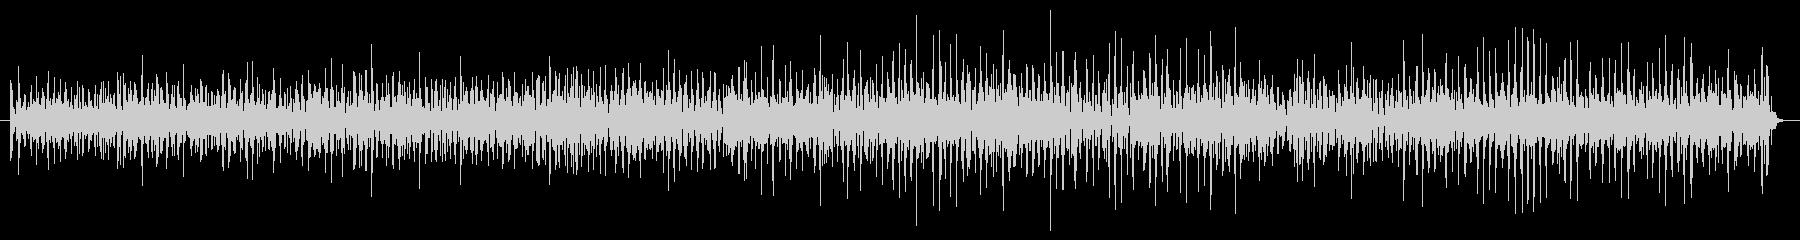 カラカラ ガラガラの未再生の波形